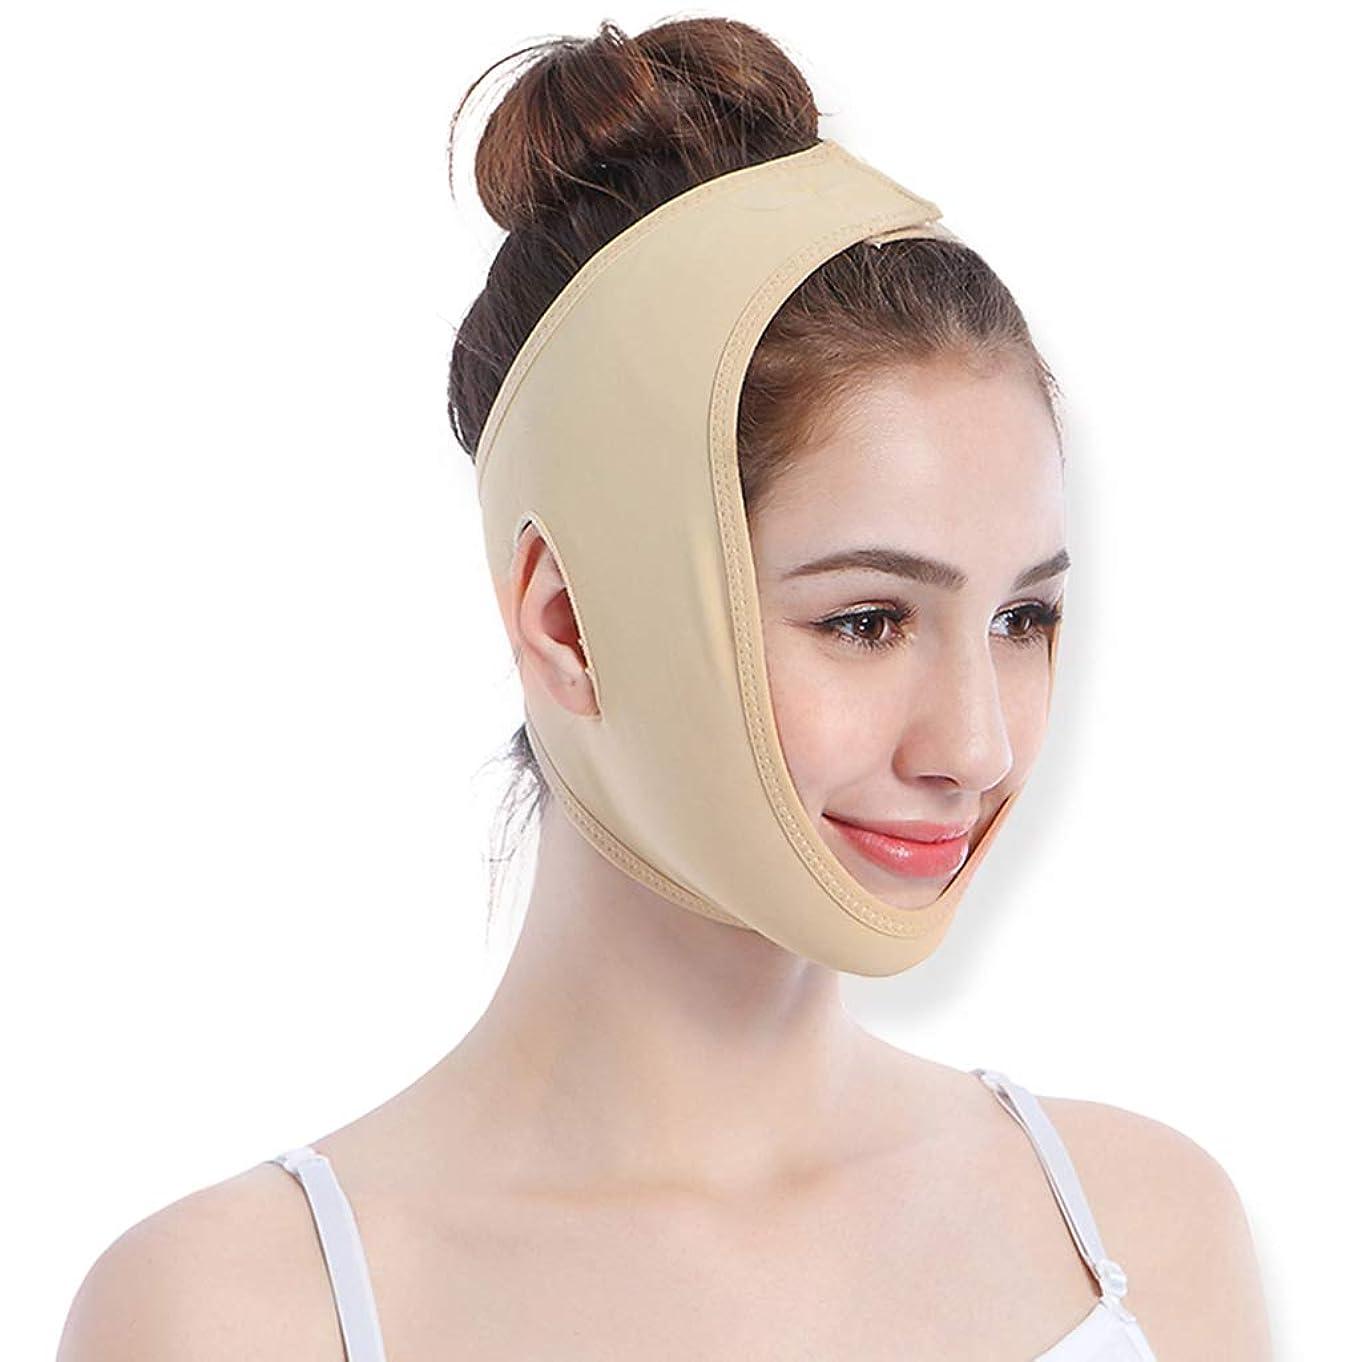 二次苦しめる排除する薄い顔のマスクの男性と女性の顔のv顔のマスクの顔の楽器の包帯,XL